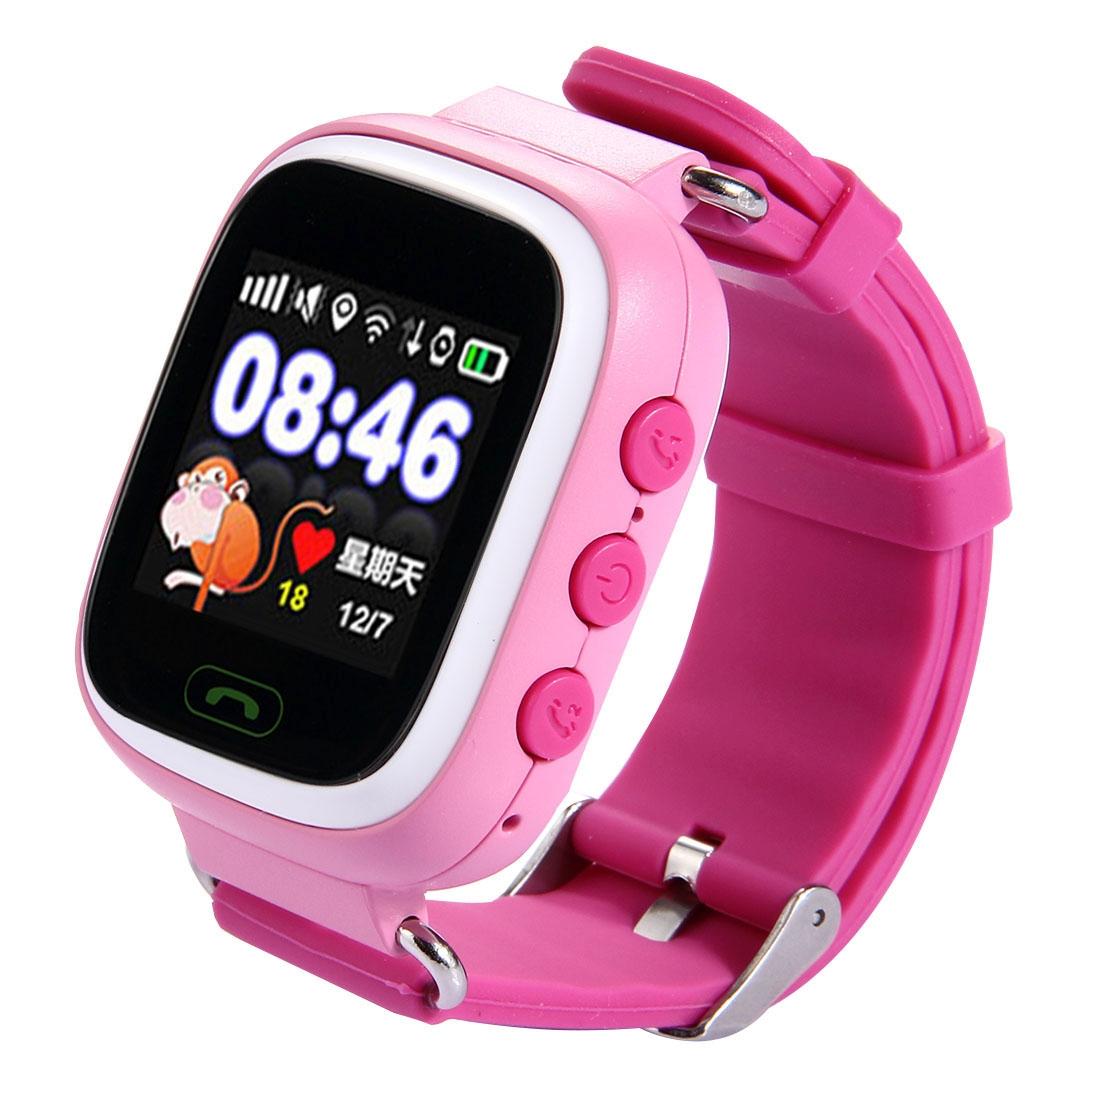 Generic Generic - Tracker Smartwatch, podpora SIM karty, 2G síť, přesné polohování, hlasové volání, tichý režim, krokomer, jeden klíč SOS, elektronický plot, pink